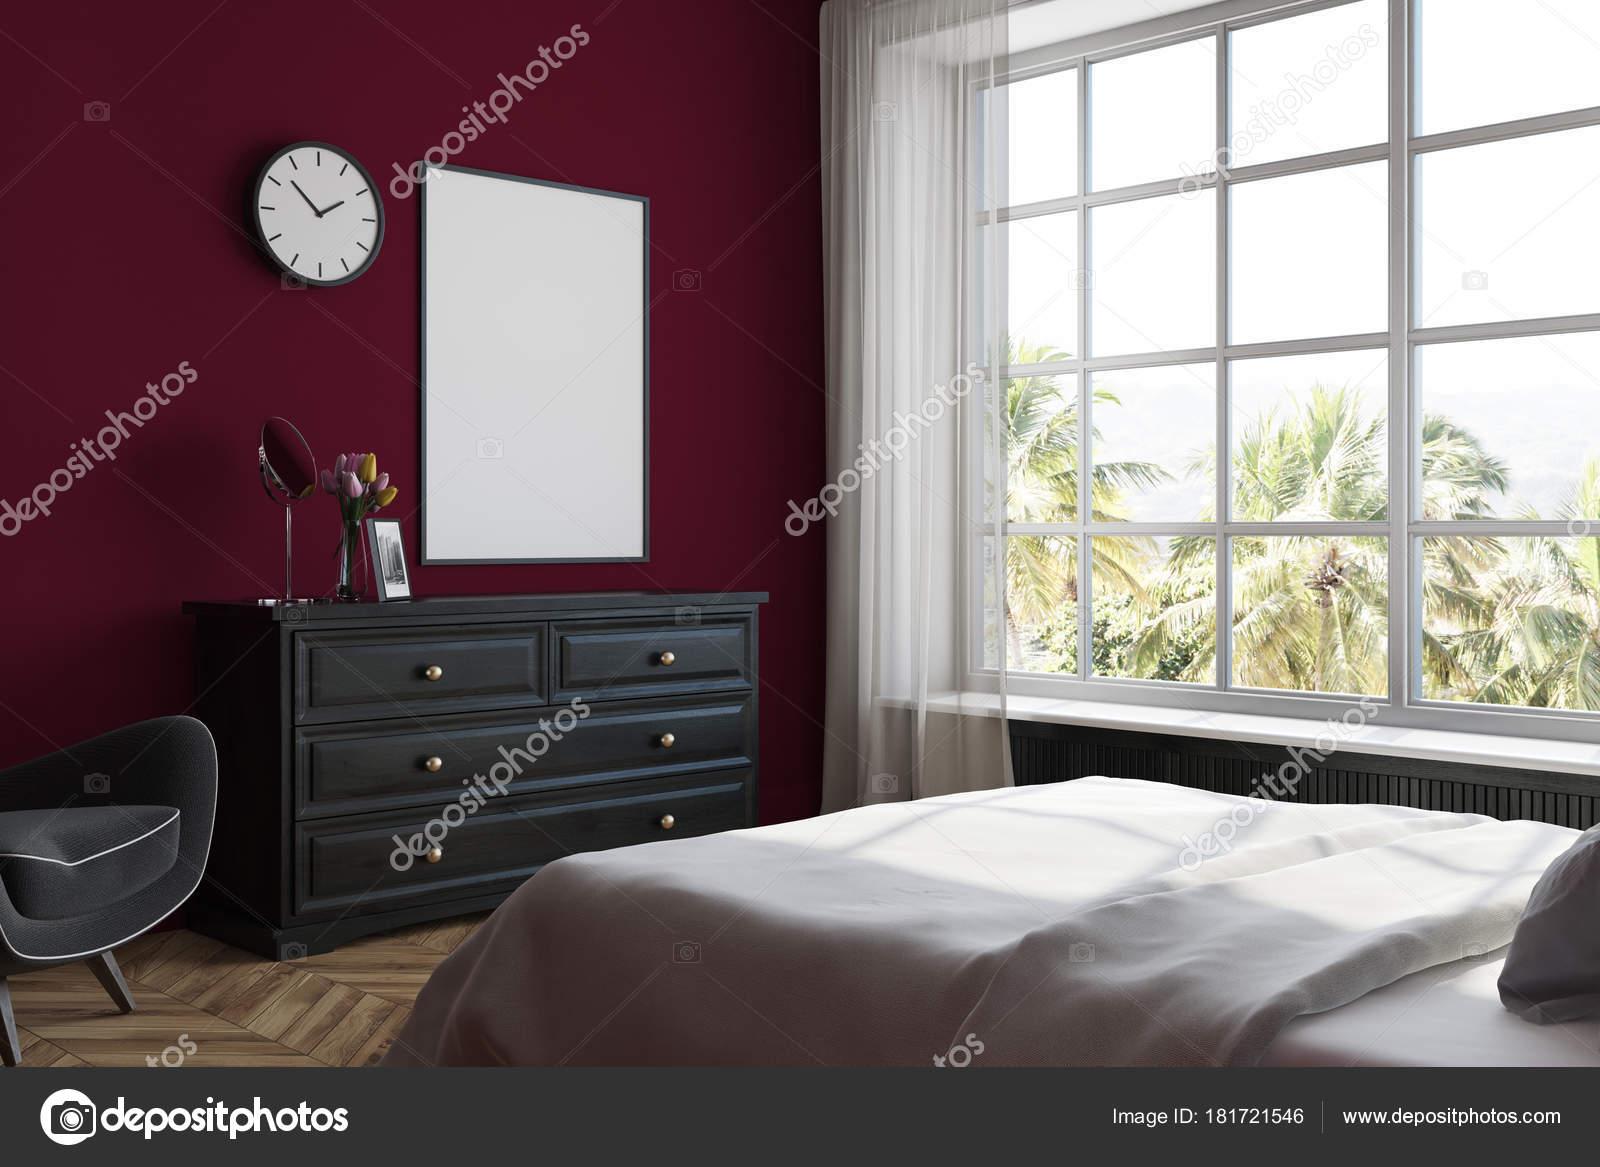 Stanze Da Letto Rosse : Angolo camera da letto rossa poster comò u foto stock